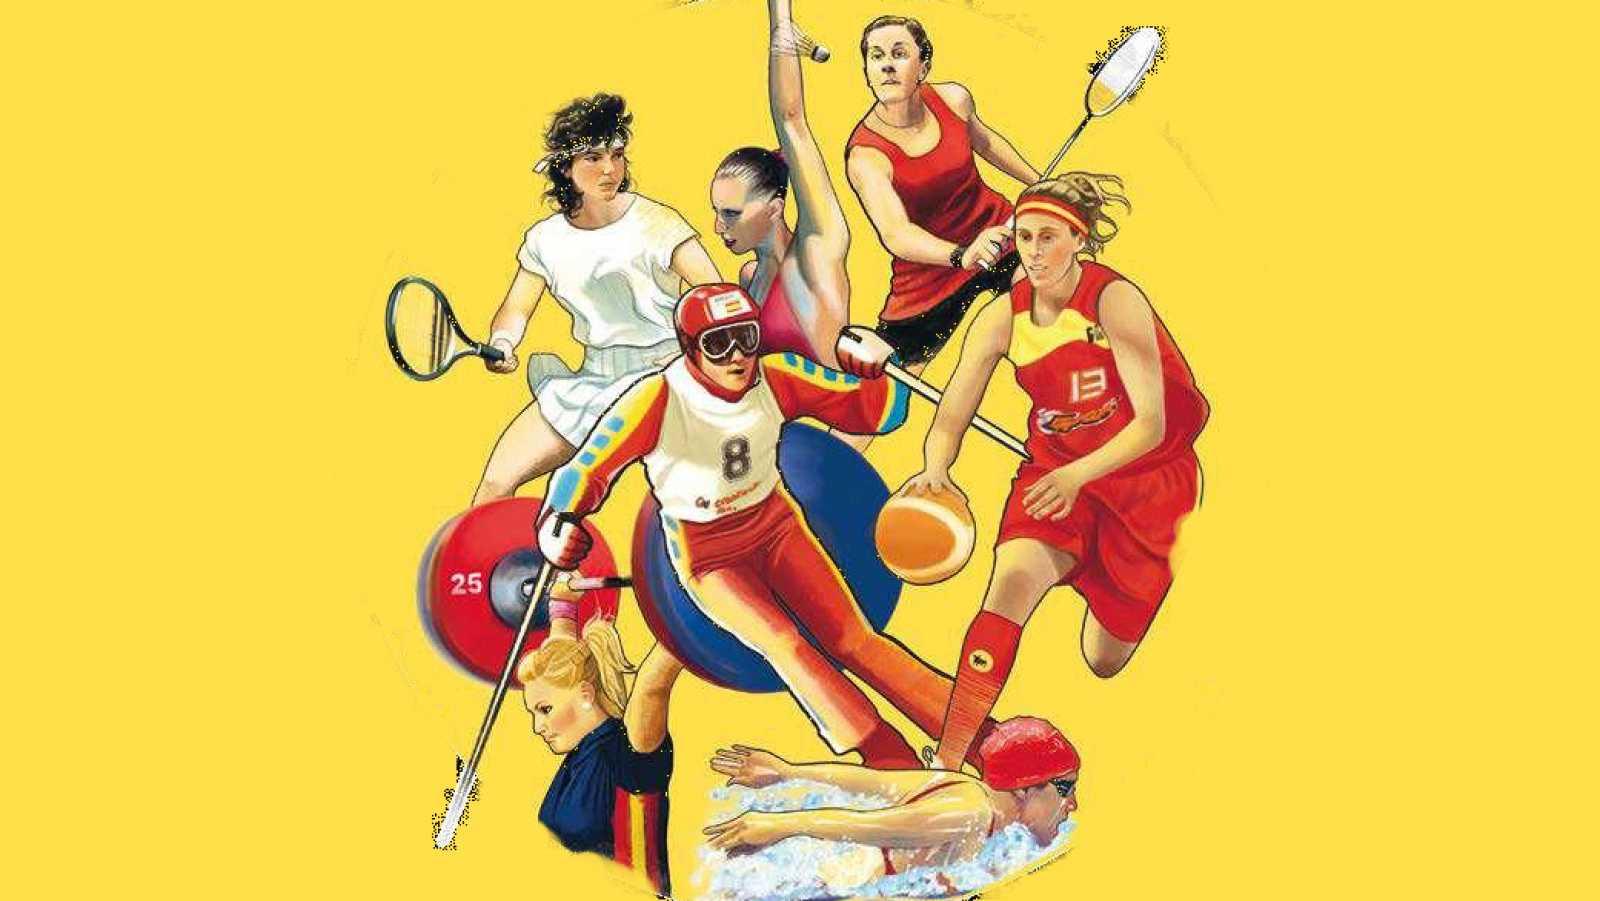 Hora América - De niñas a leyendas. 25 mujeres deportistas que han hecho historia - escuchar ahora